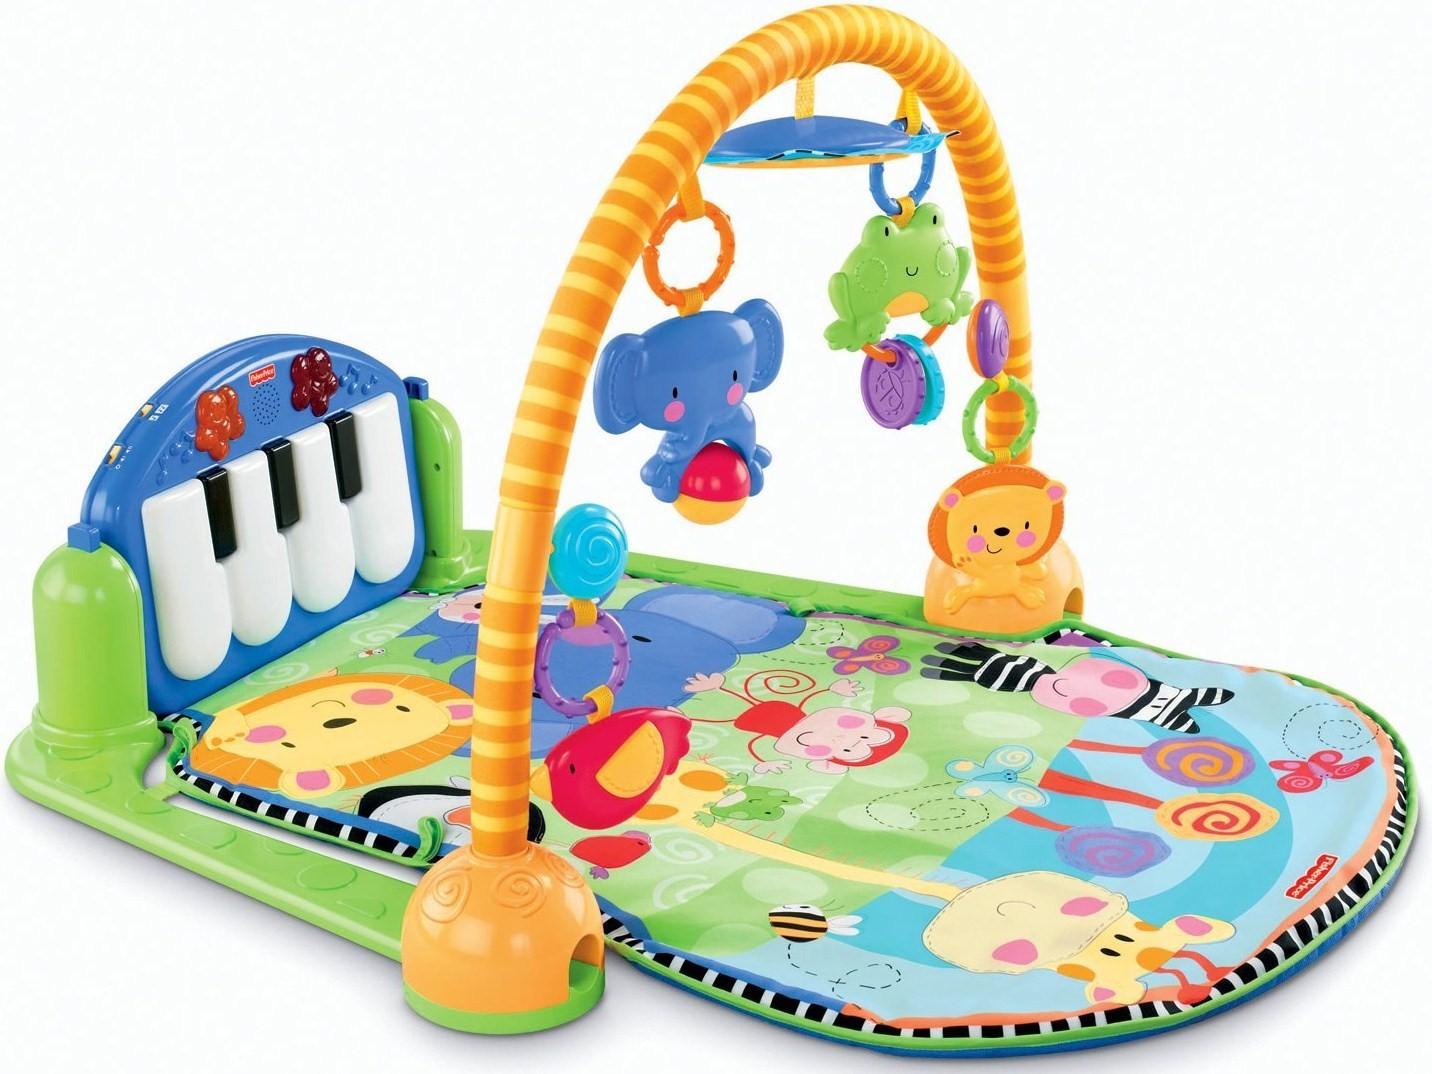 Развивающие коврики Fisher Price Пианино fisherprice развивающий коврик пианино